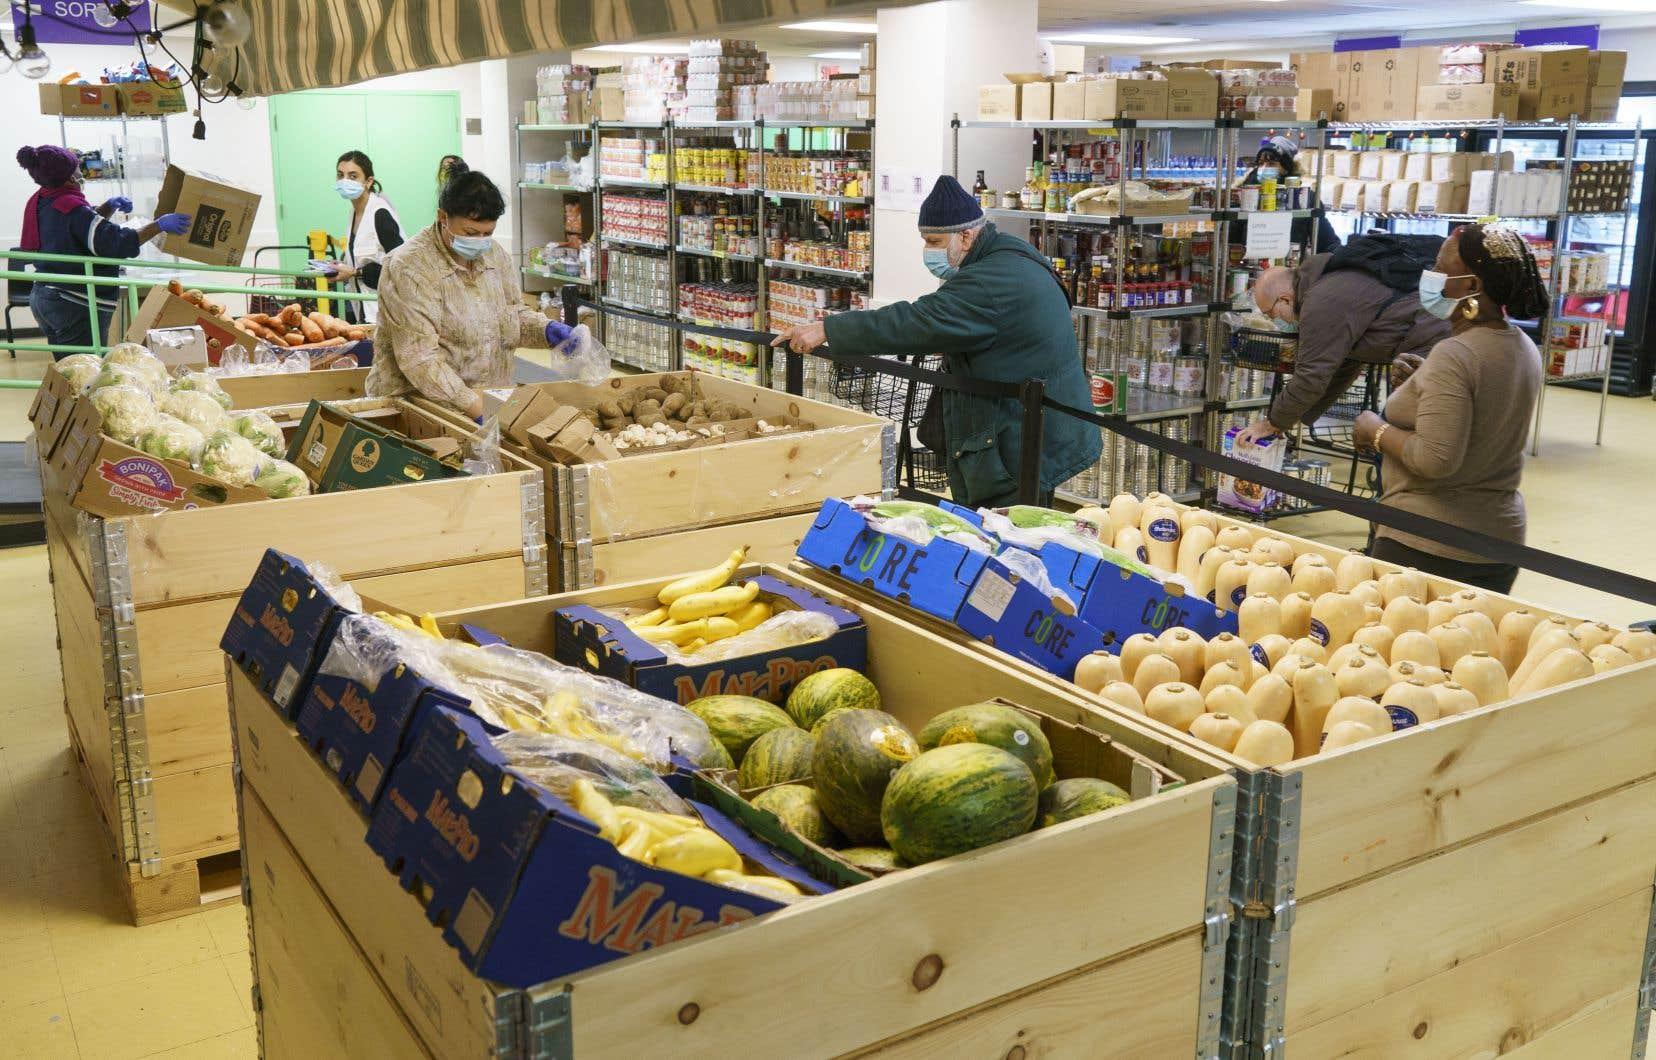 La hausse du prix du panier d'épicerie au Québec pour 2021 s'annonce record, à 4%, selon le 11eRapport sur les prix alimentaires canadiens. Sur la photo, une banque alimentaire, à Montréal.